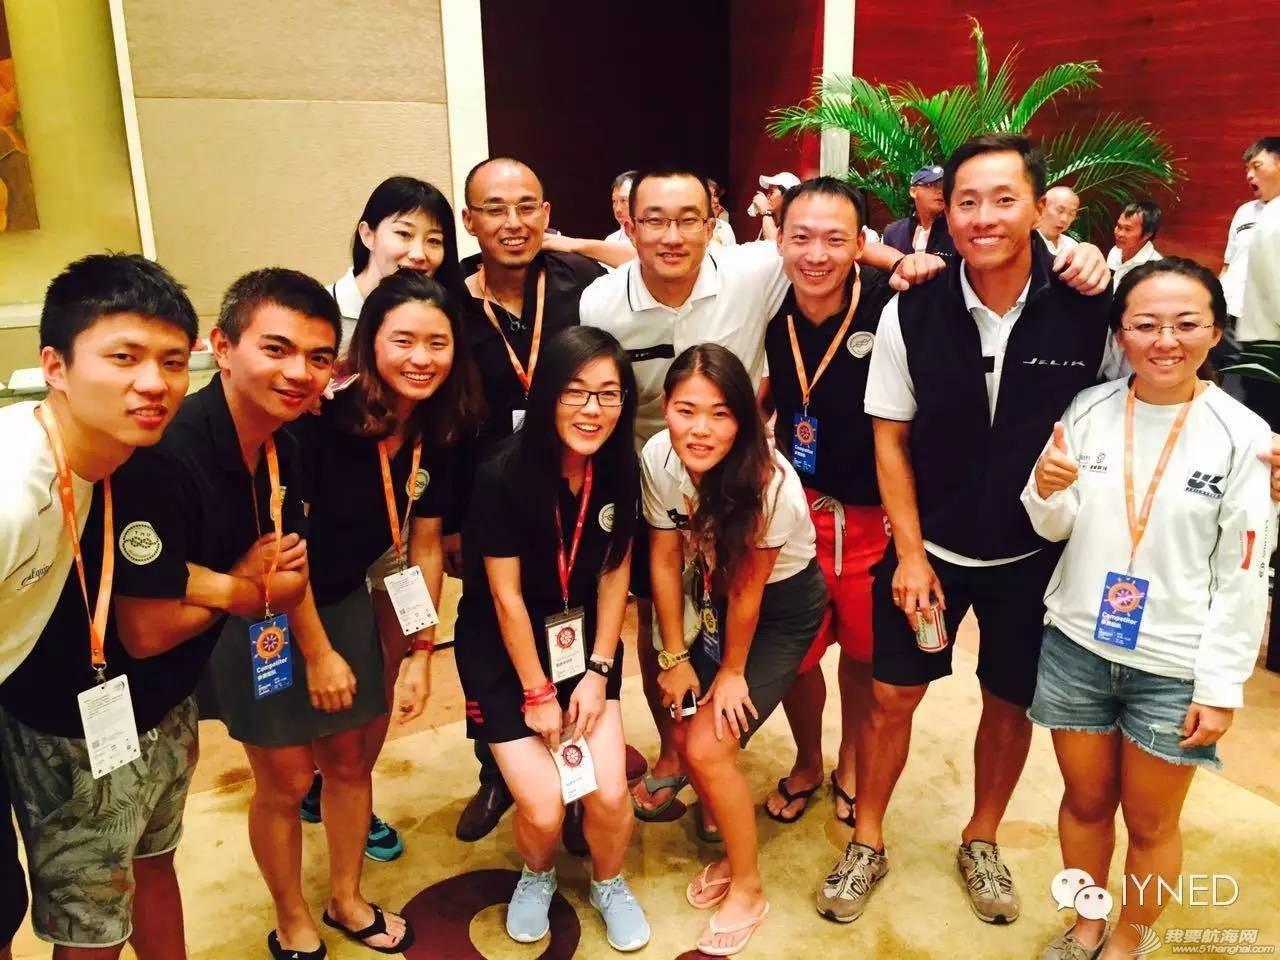 中国杯后,清华帆协对帆船界不得不说的话 b48adf2ce7eb67e98ec04849624f1c2e.jpg